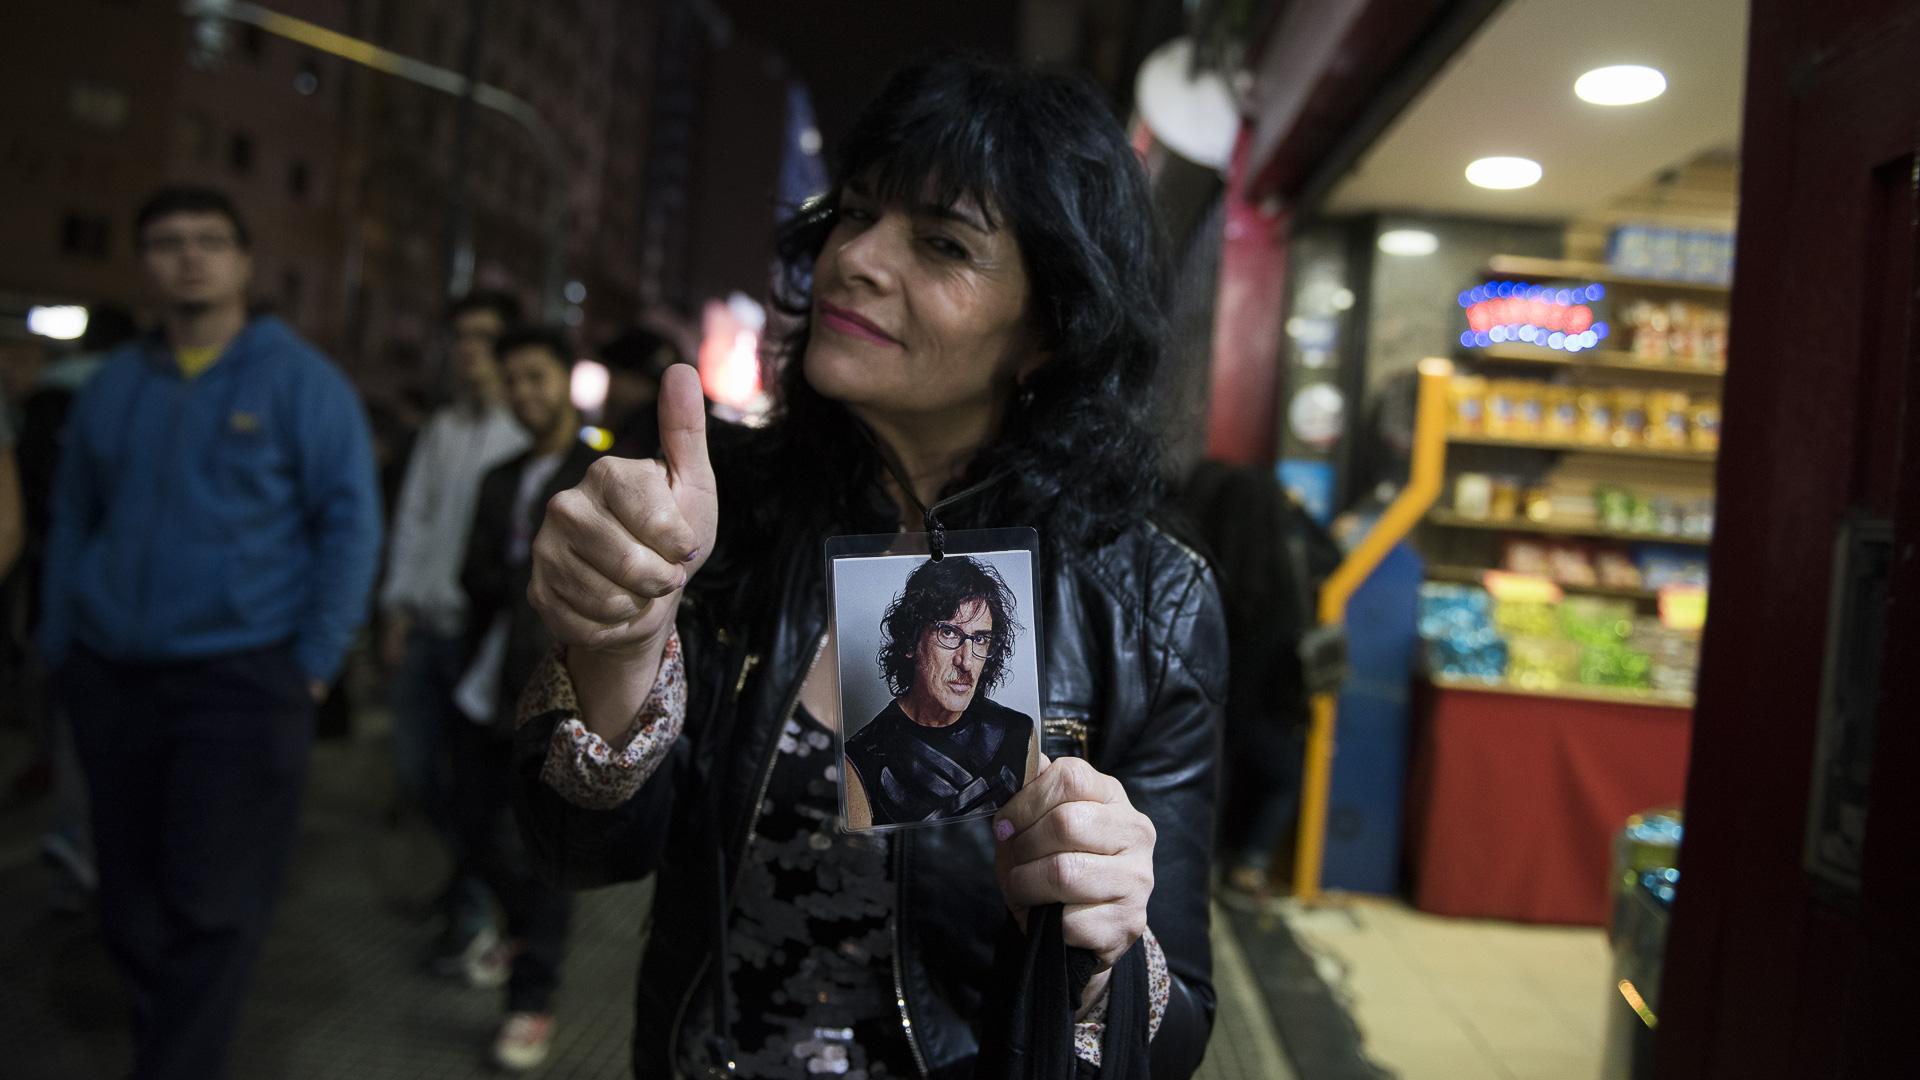 Una fanática con la imagen del músico